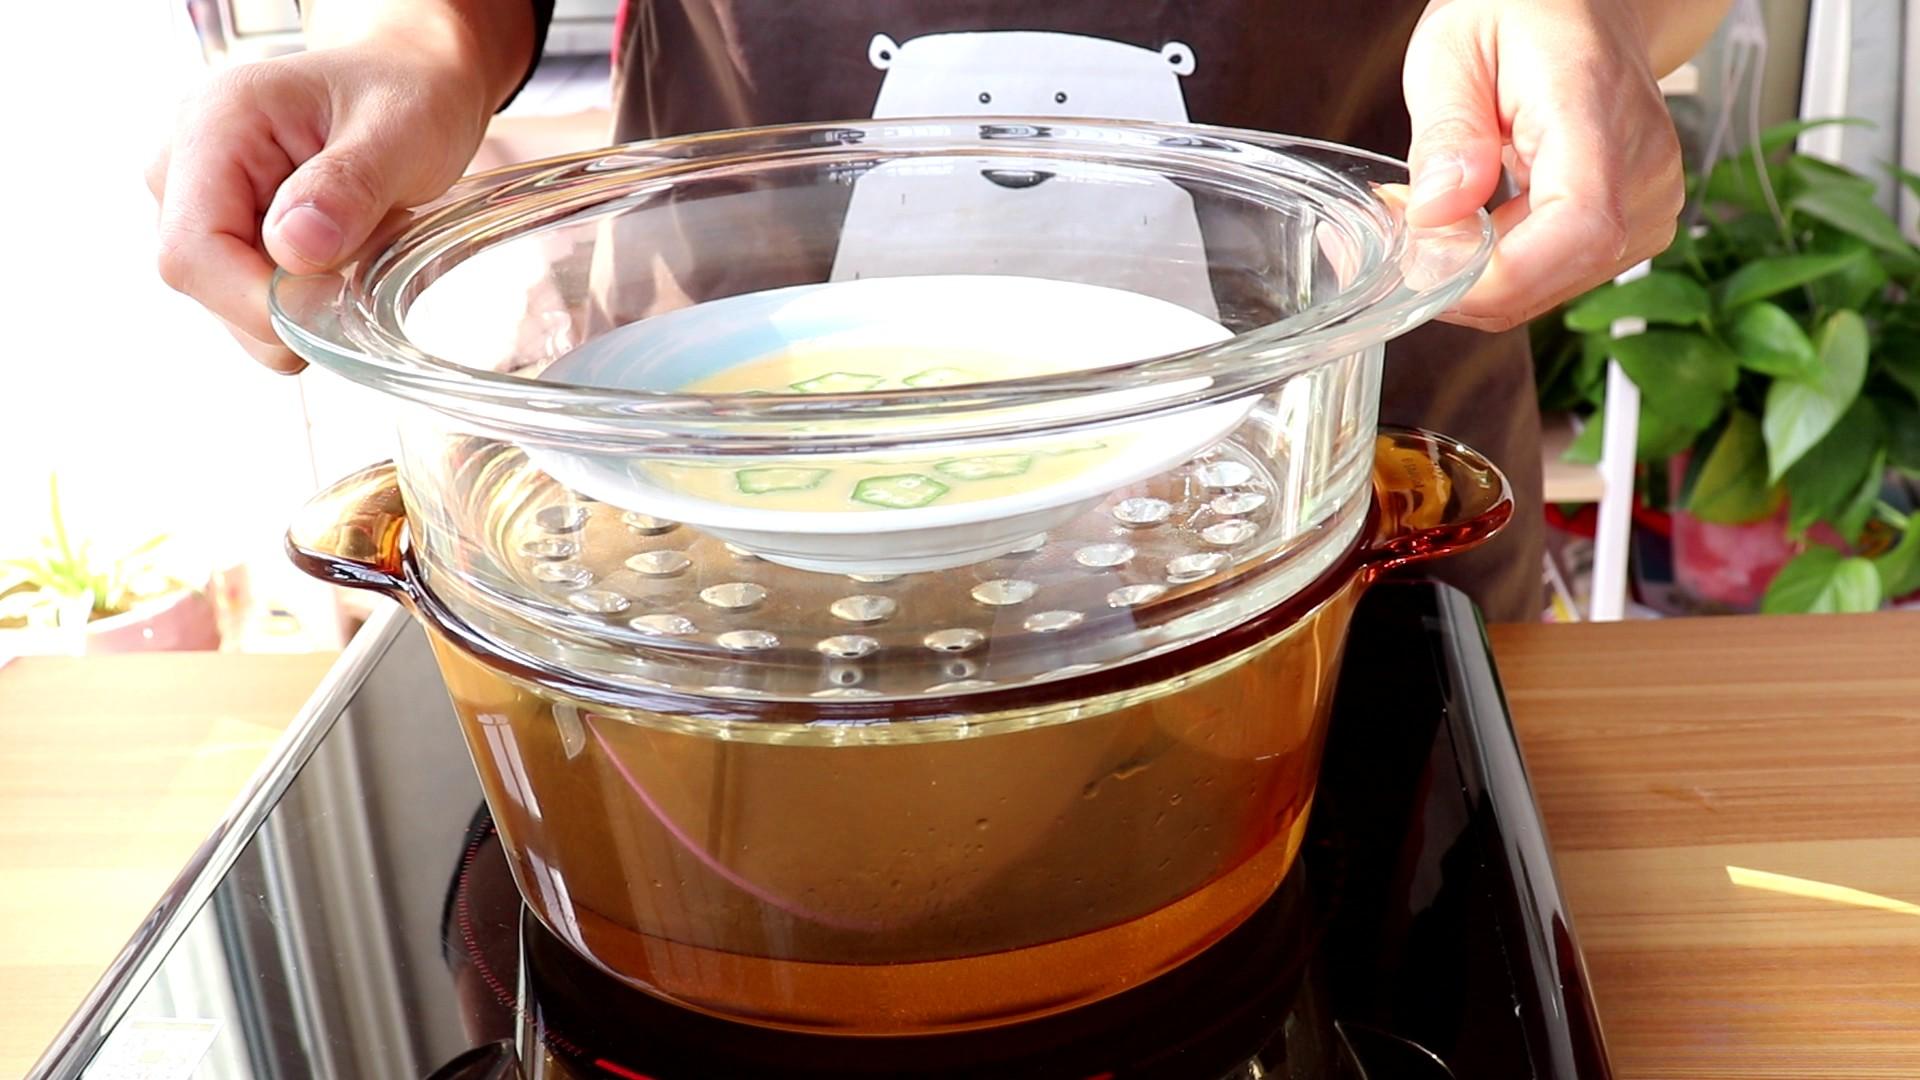 秋葵蒸蛋,冷水上锅,顶部盖盘子,防止锅盖上的水蒸气滴到蛋液中,影响鸡蛋的成型</p> <p>